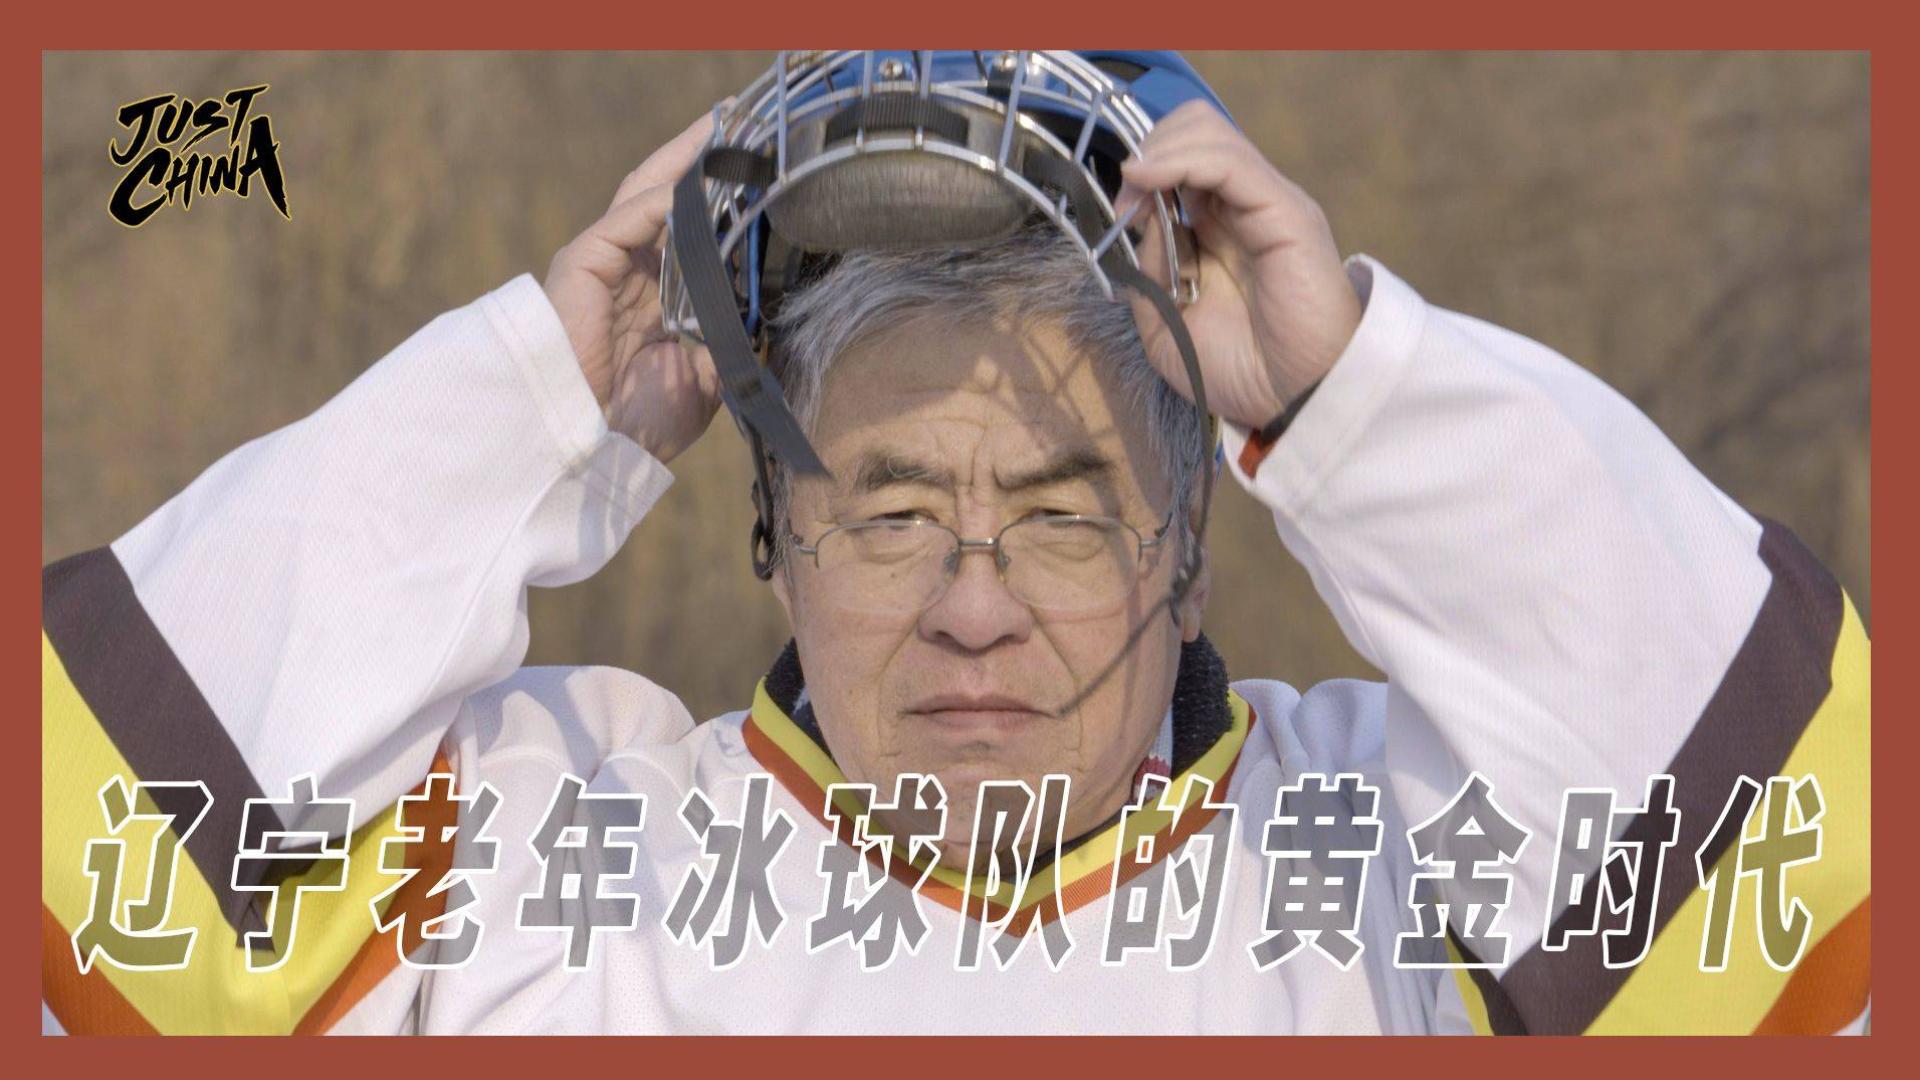 【箭厂】硬核玩冰30年,辽宁老年冰球队的黄金时代